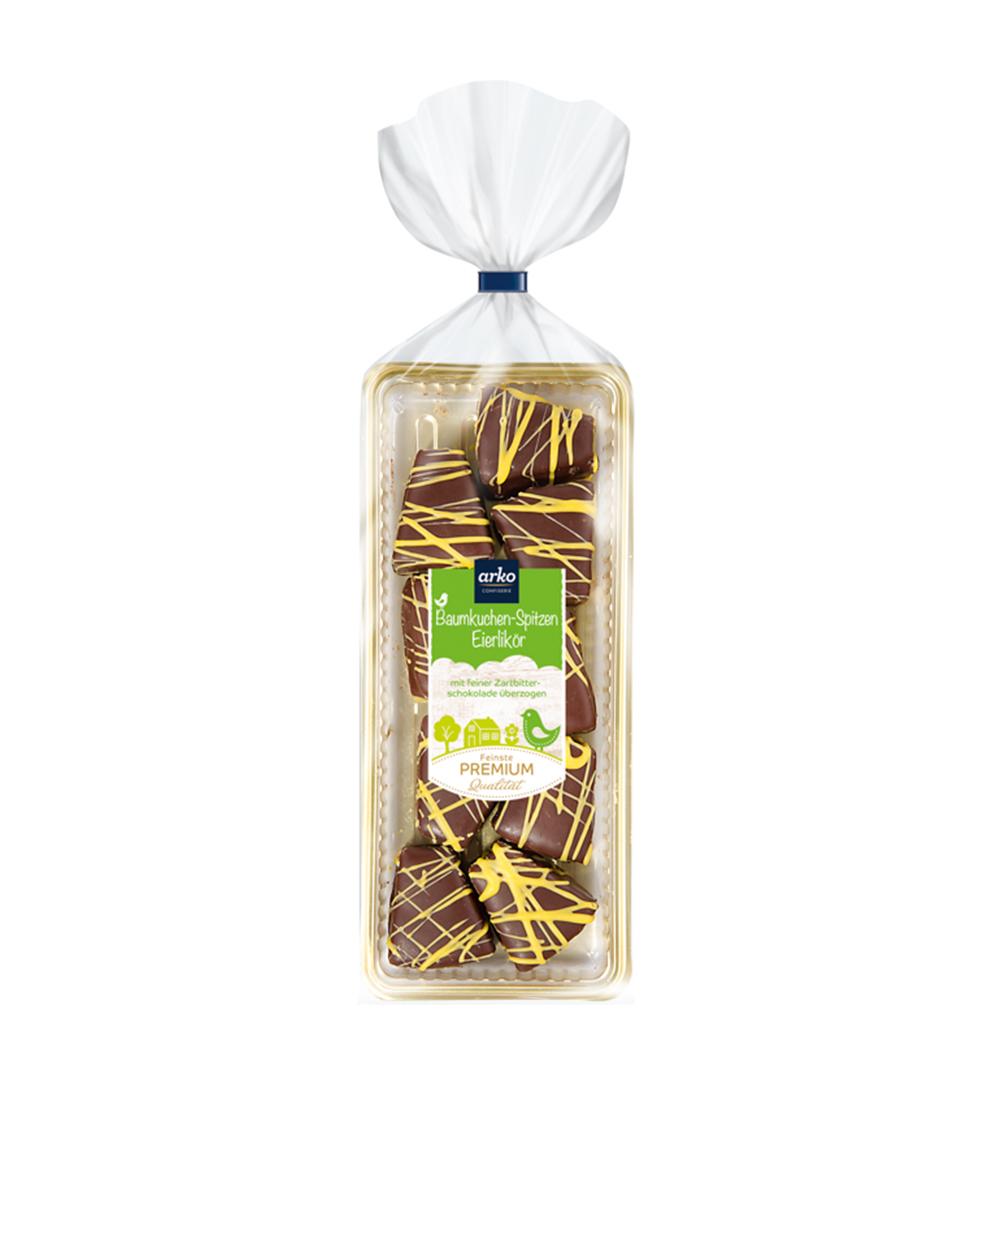 baumkuchenspitzen-eierlikor-von-arko-95g, 3.99 EUR @ gourvita-com